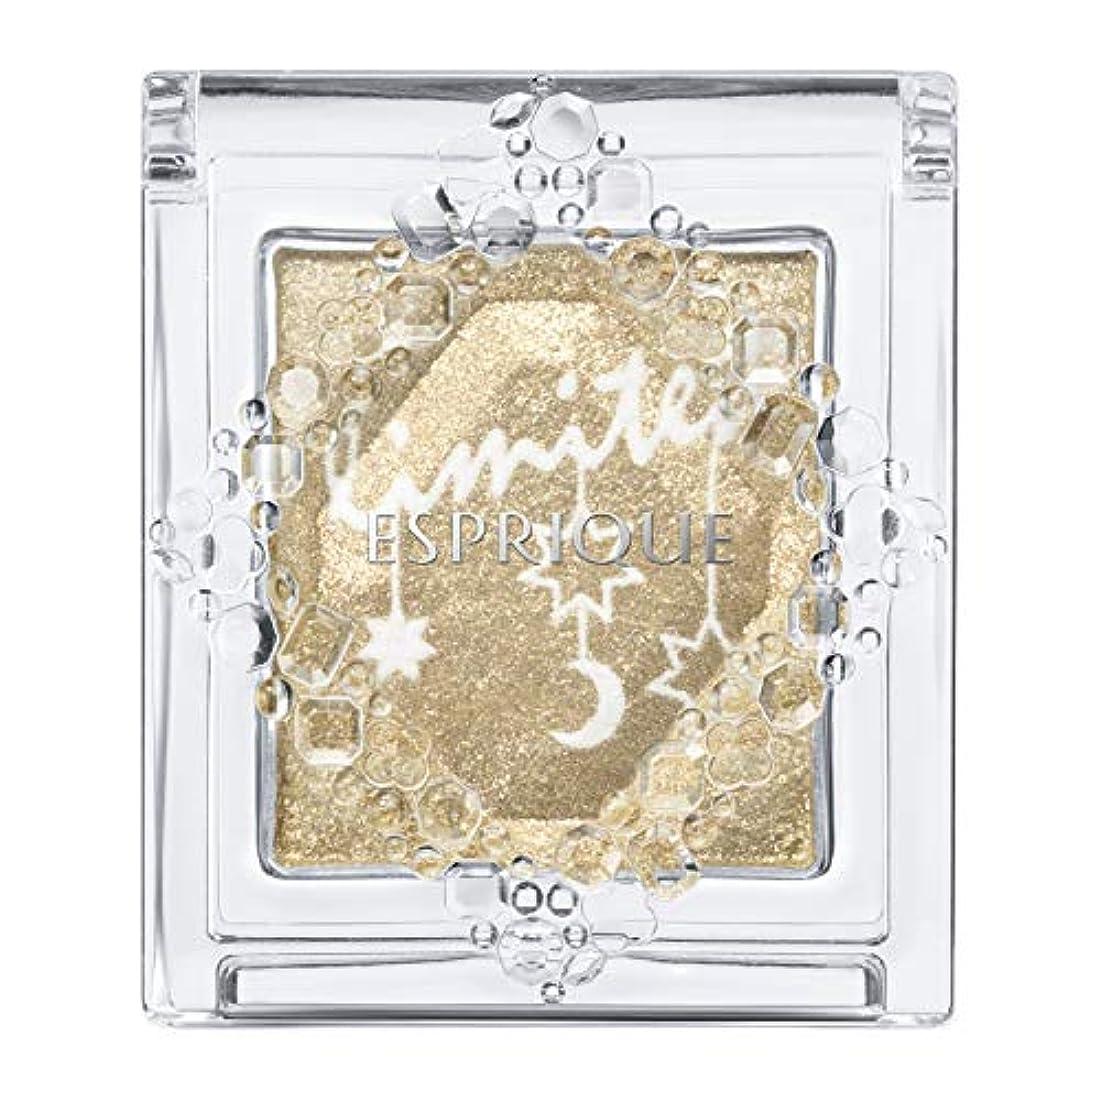 エスプリーク セレクト アイカラー GD004 ゴールド系 1.5g